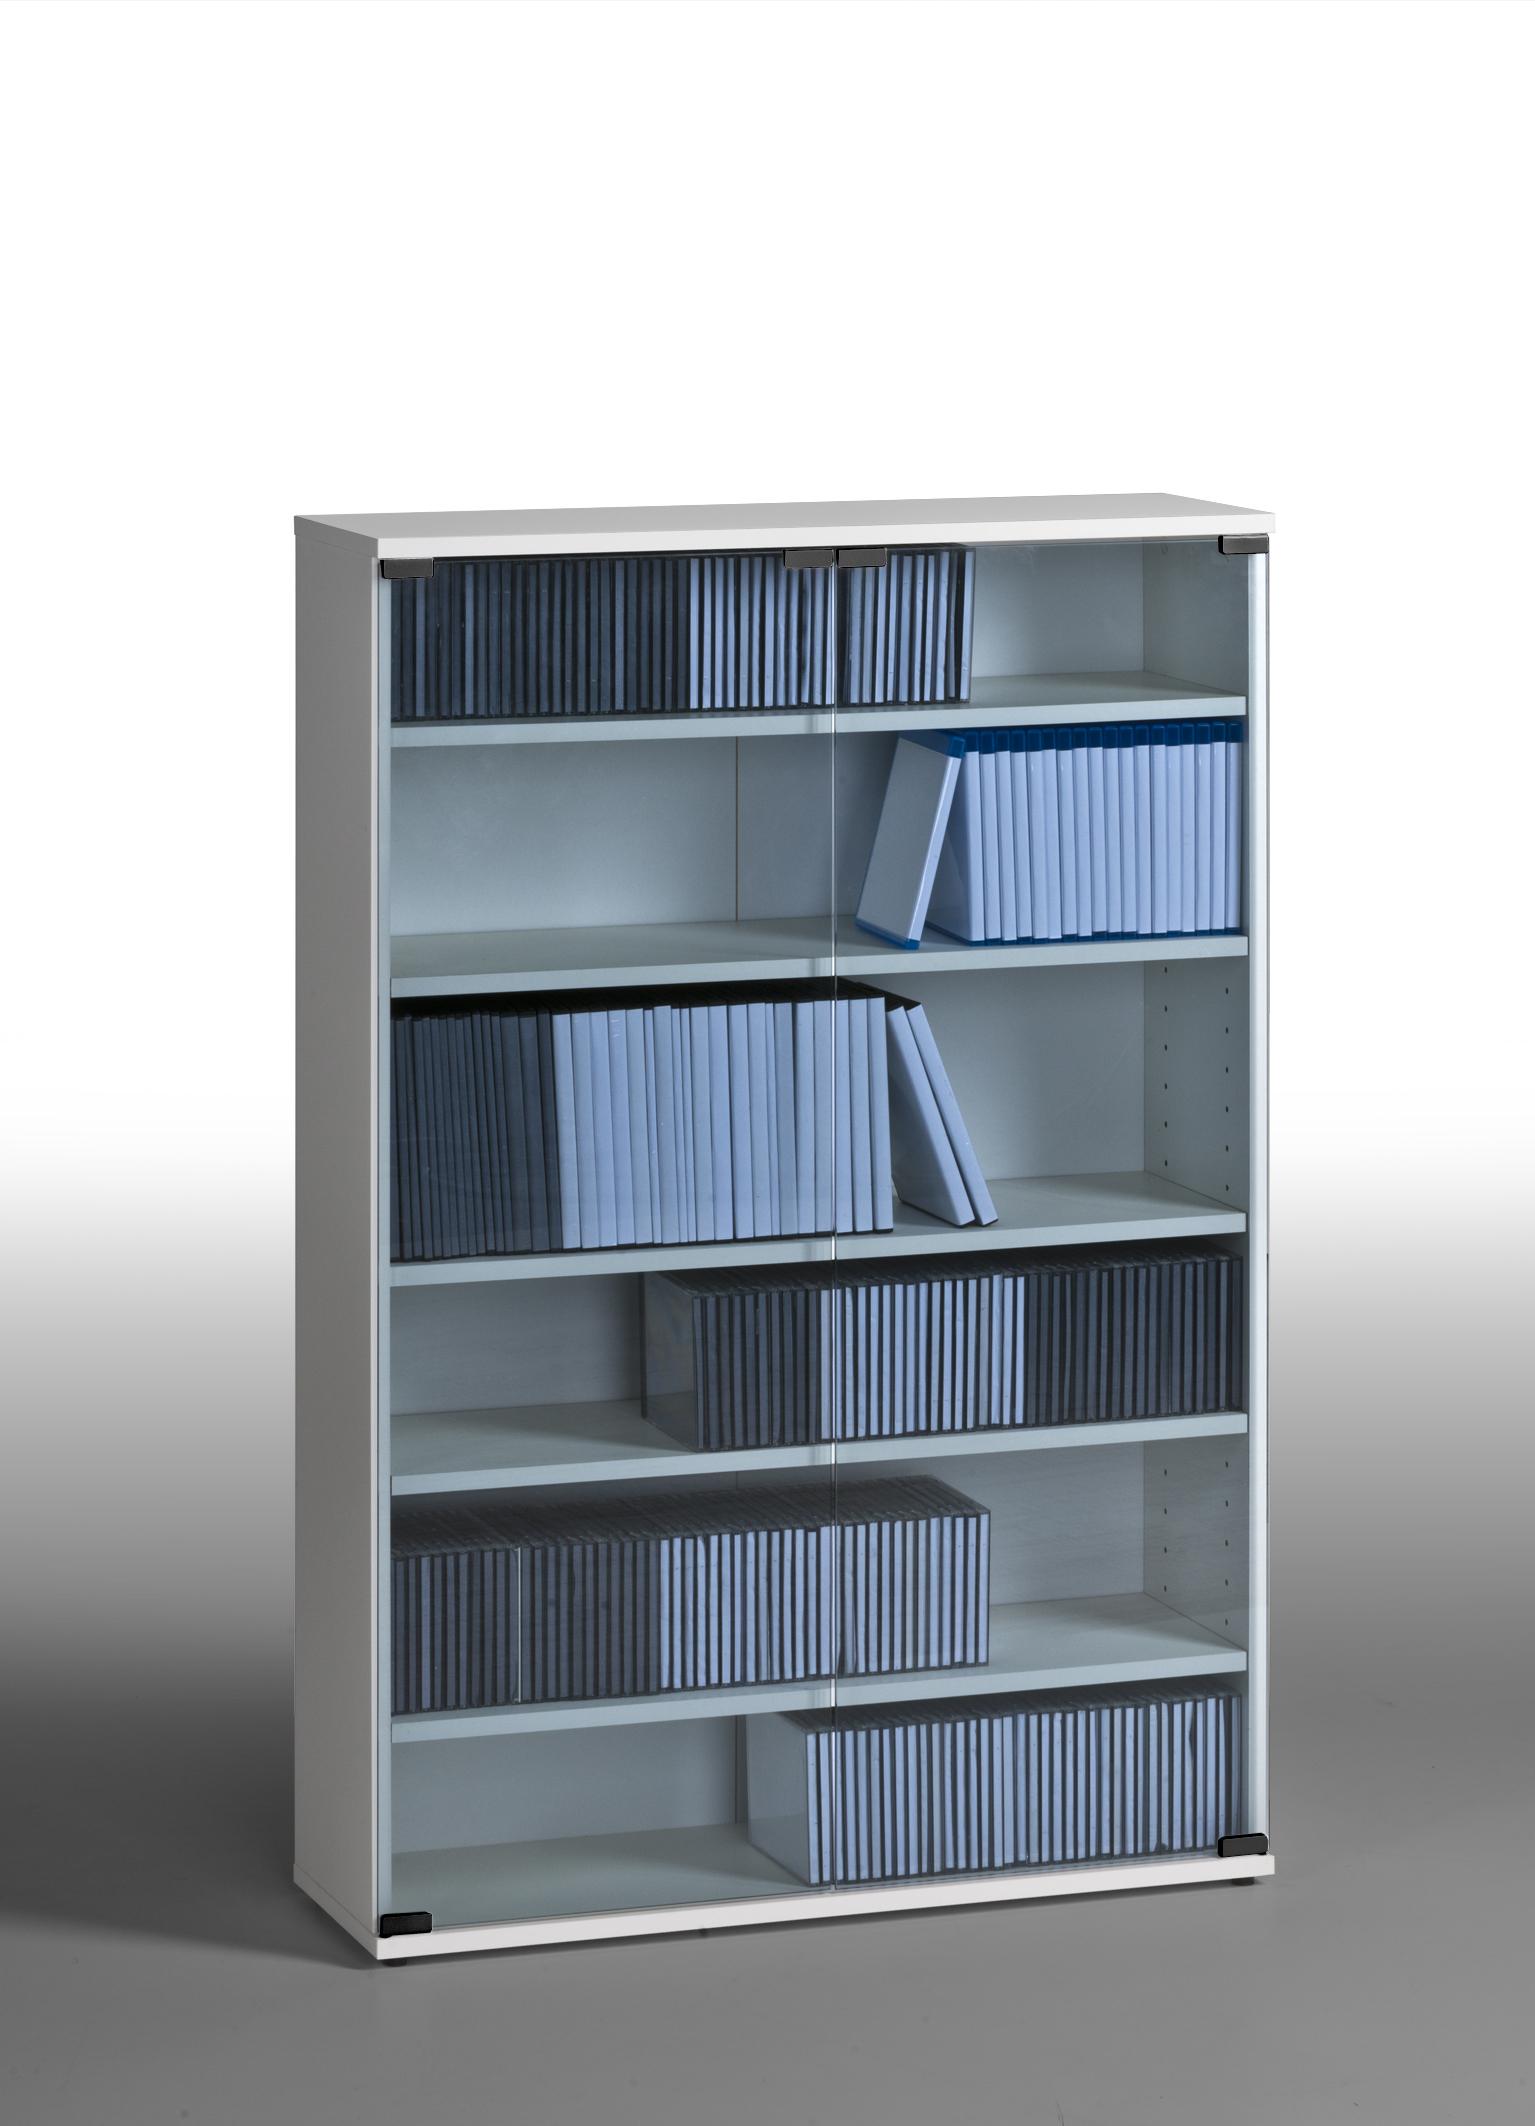 medienregal dvd cd blu ray b cherregal regal mod mj007 w. Black Bedroom Furniture Sets. Home Design Ideas